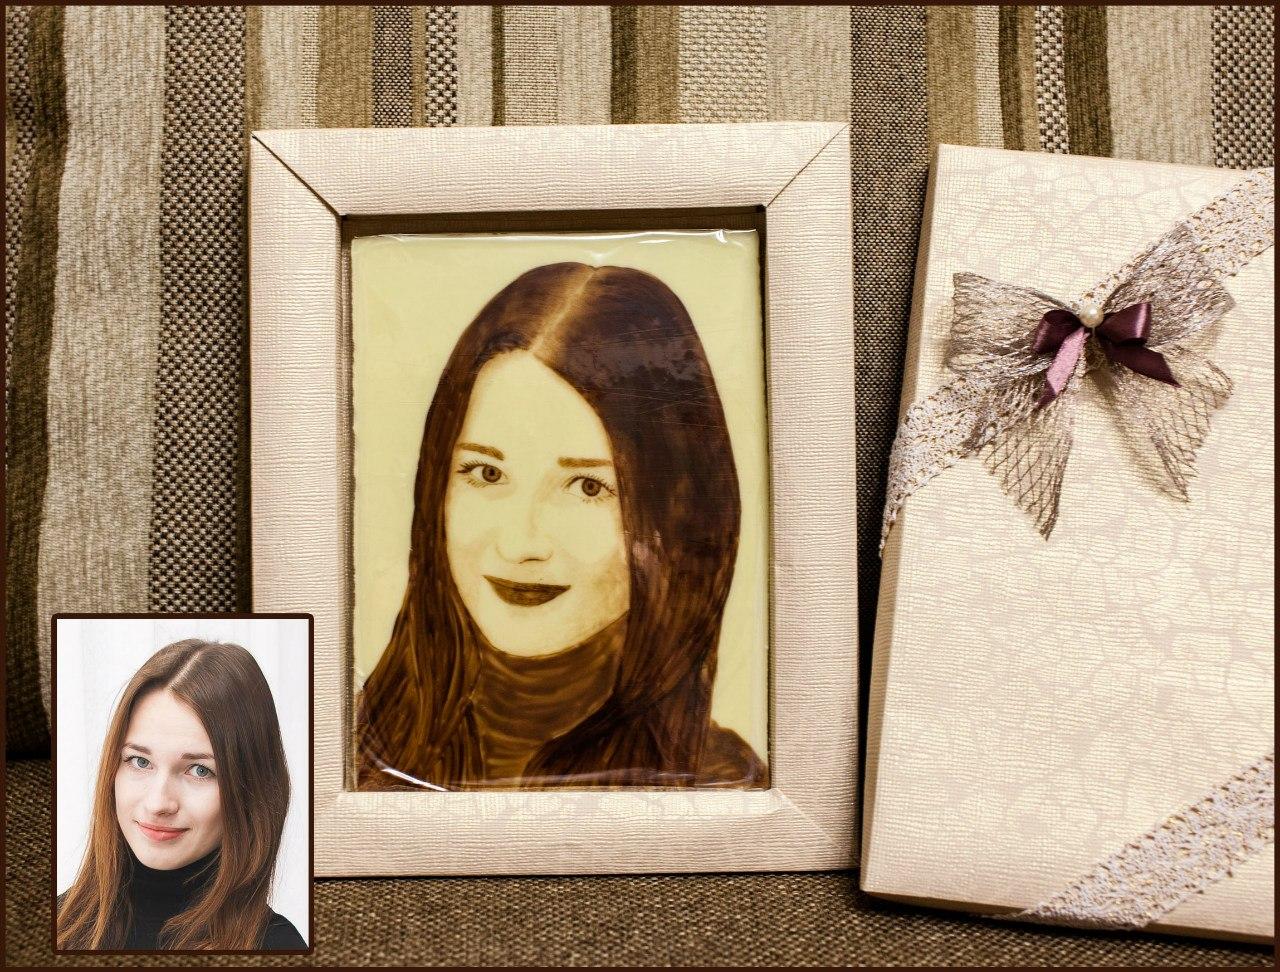 Фото макияжа серо-голубые глаза смоки айс